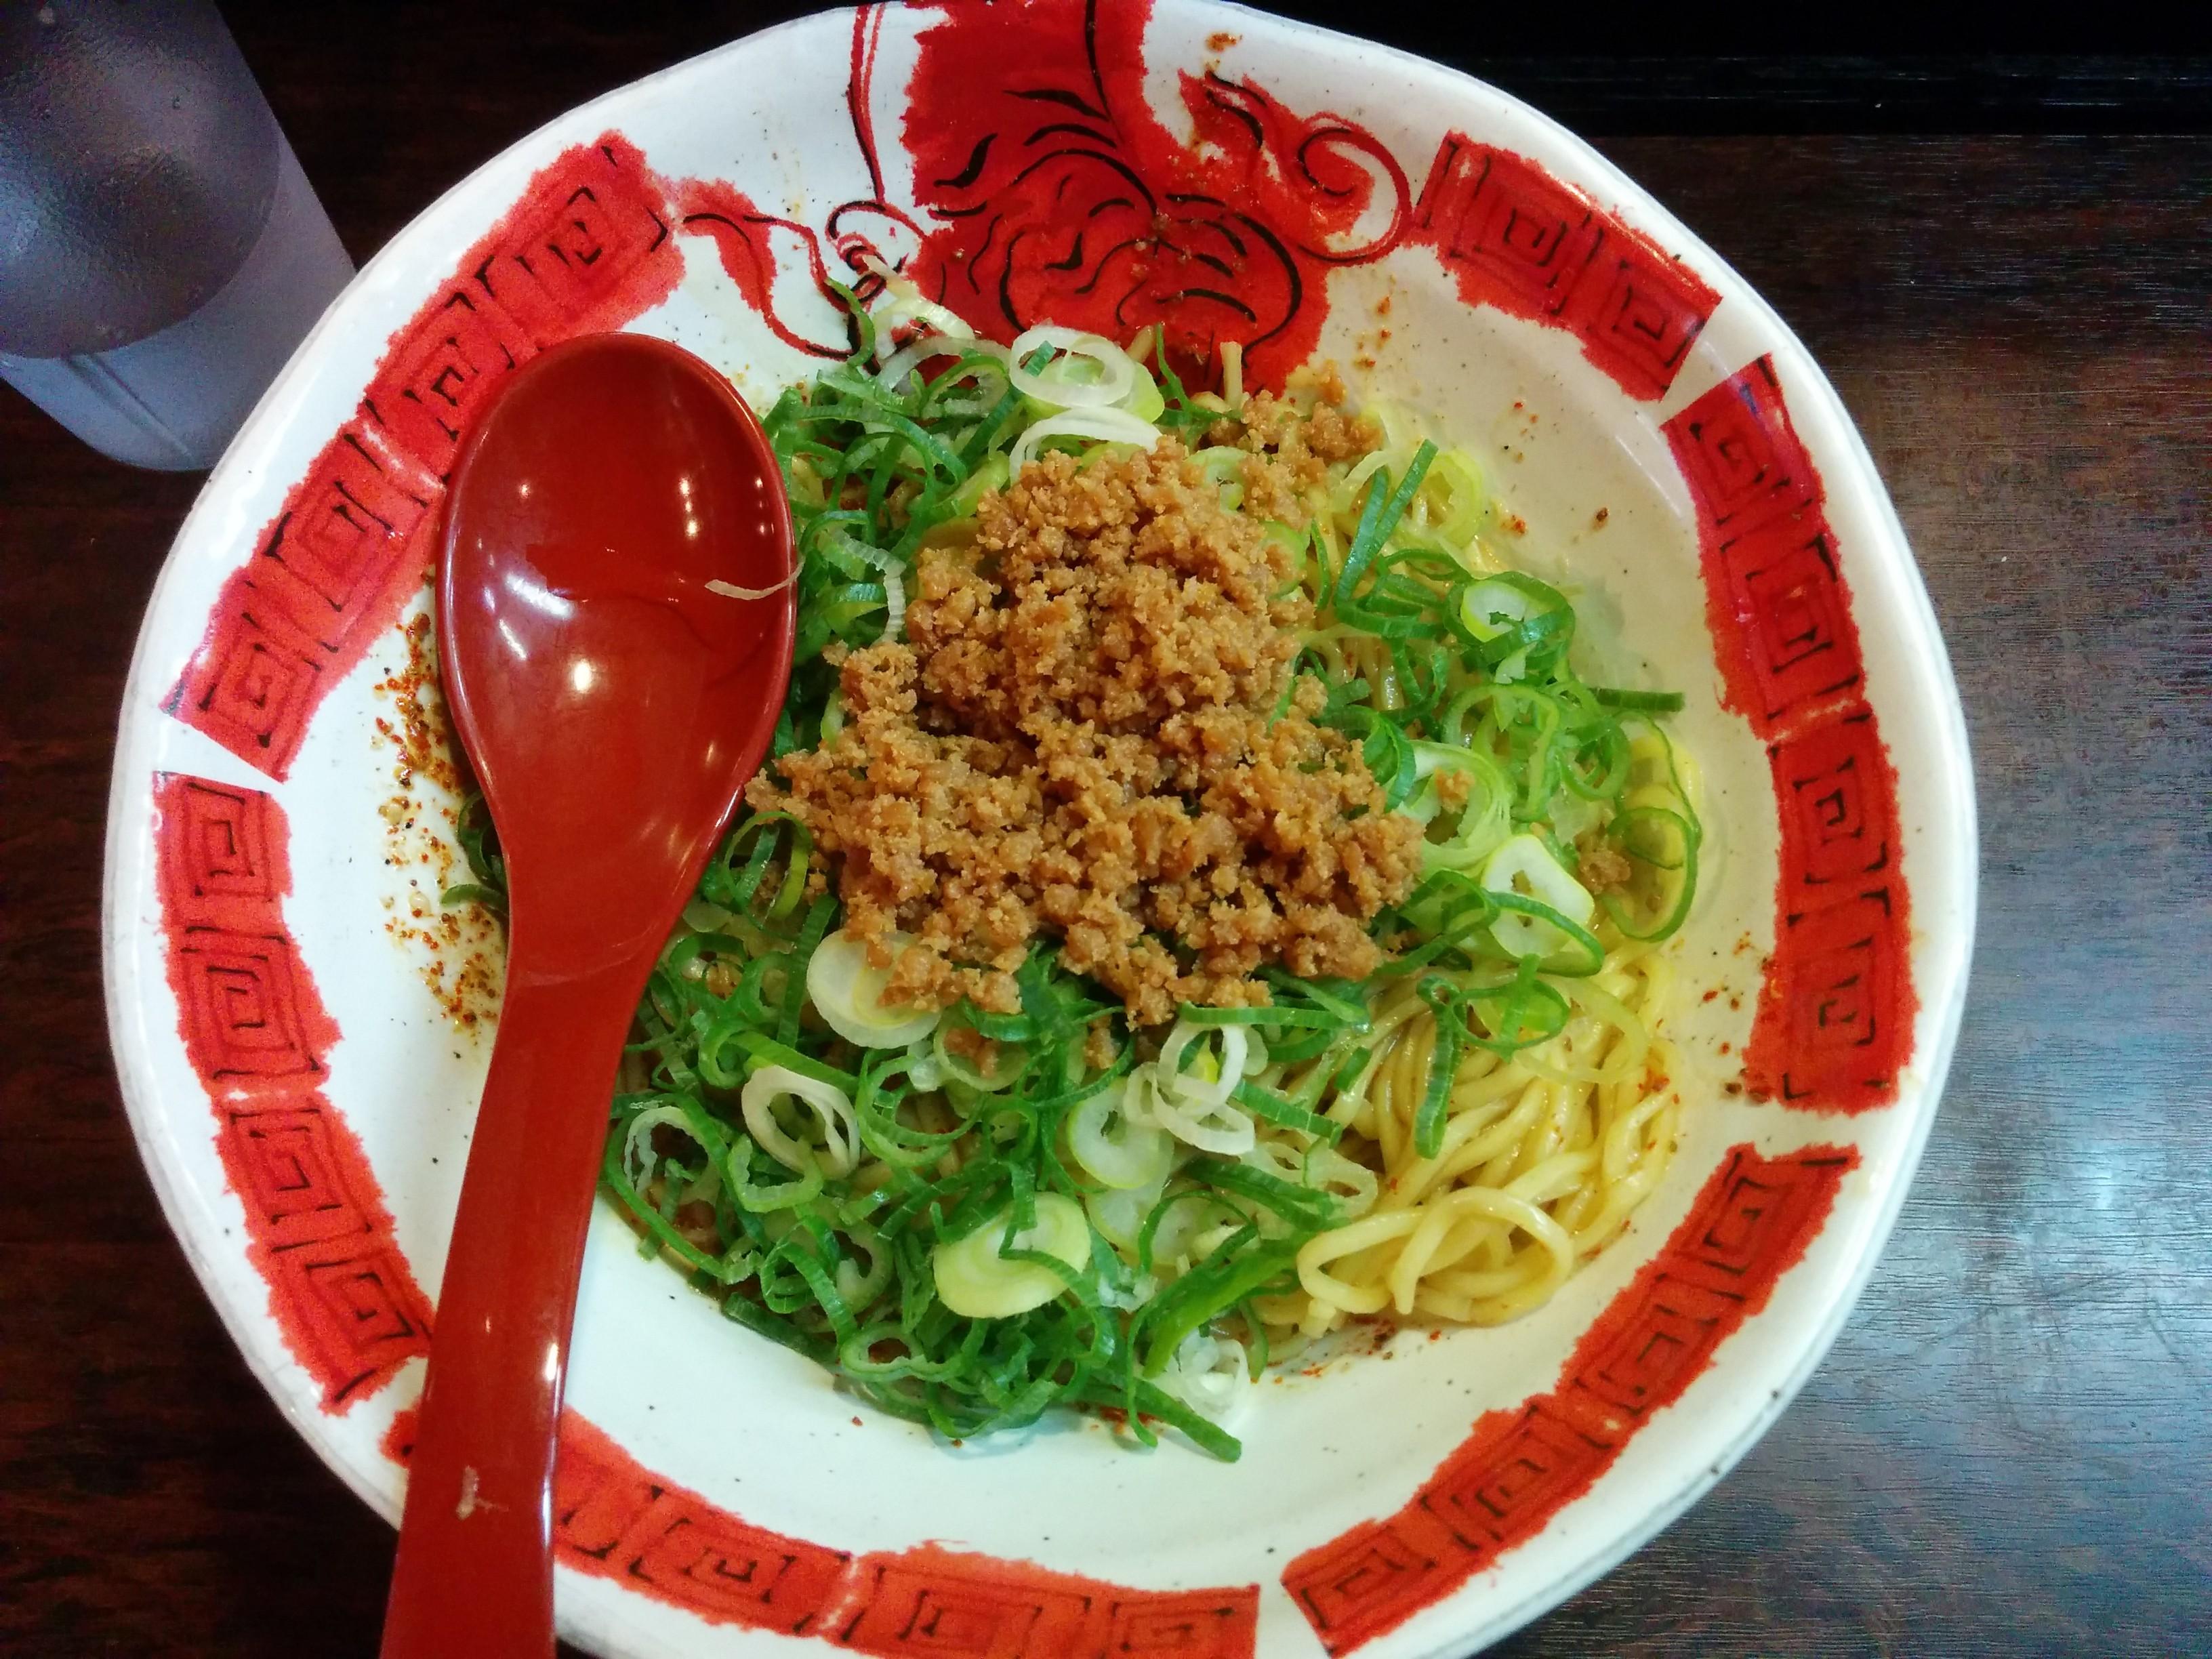 麻拉麺 揚揚(大阪・天六)汁なし担々麺 辛さ・痺れ5倍